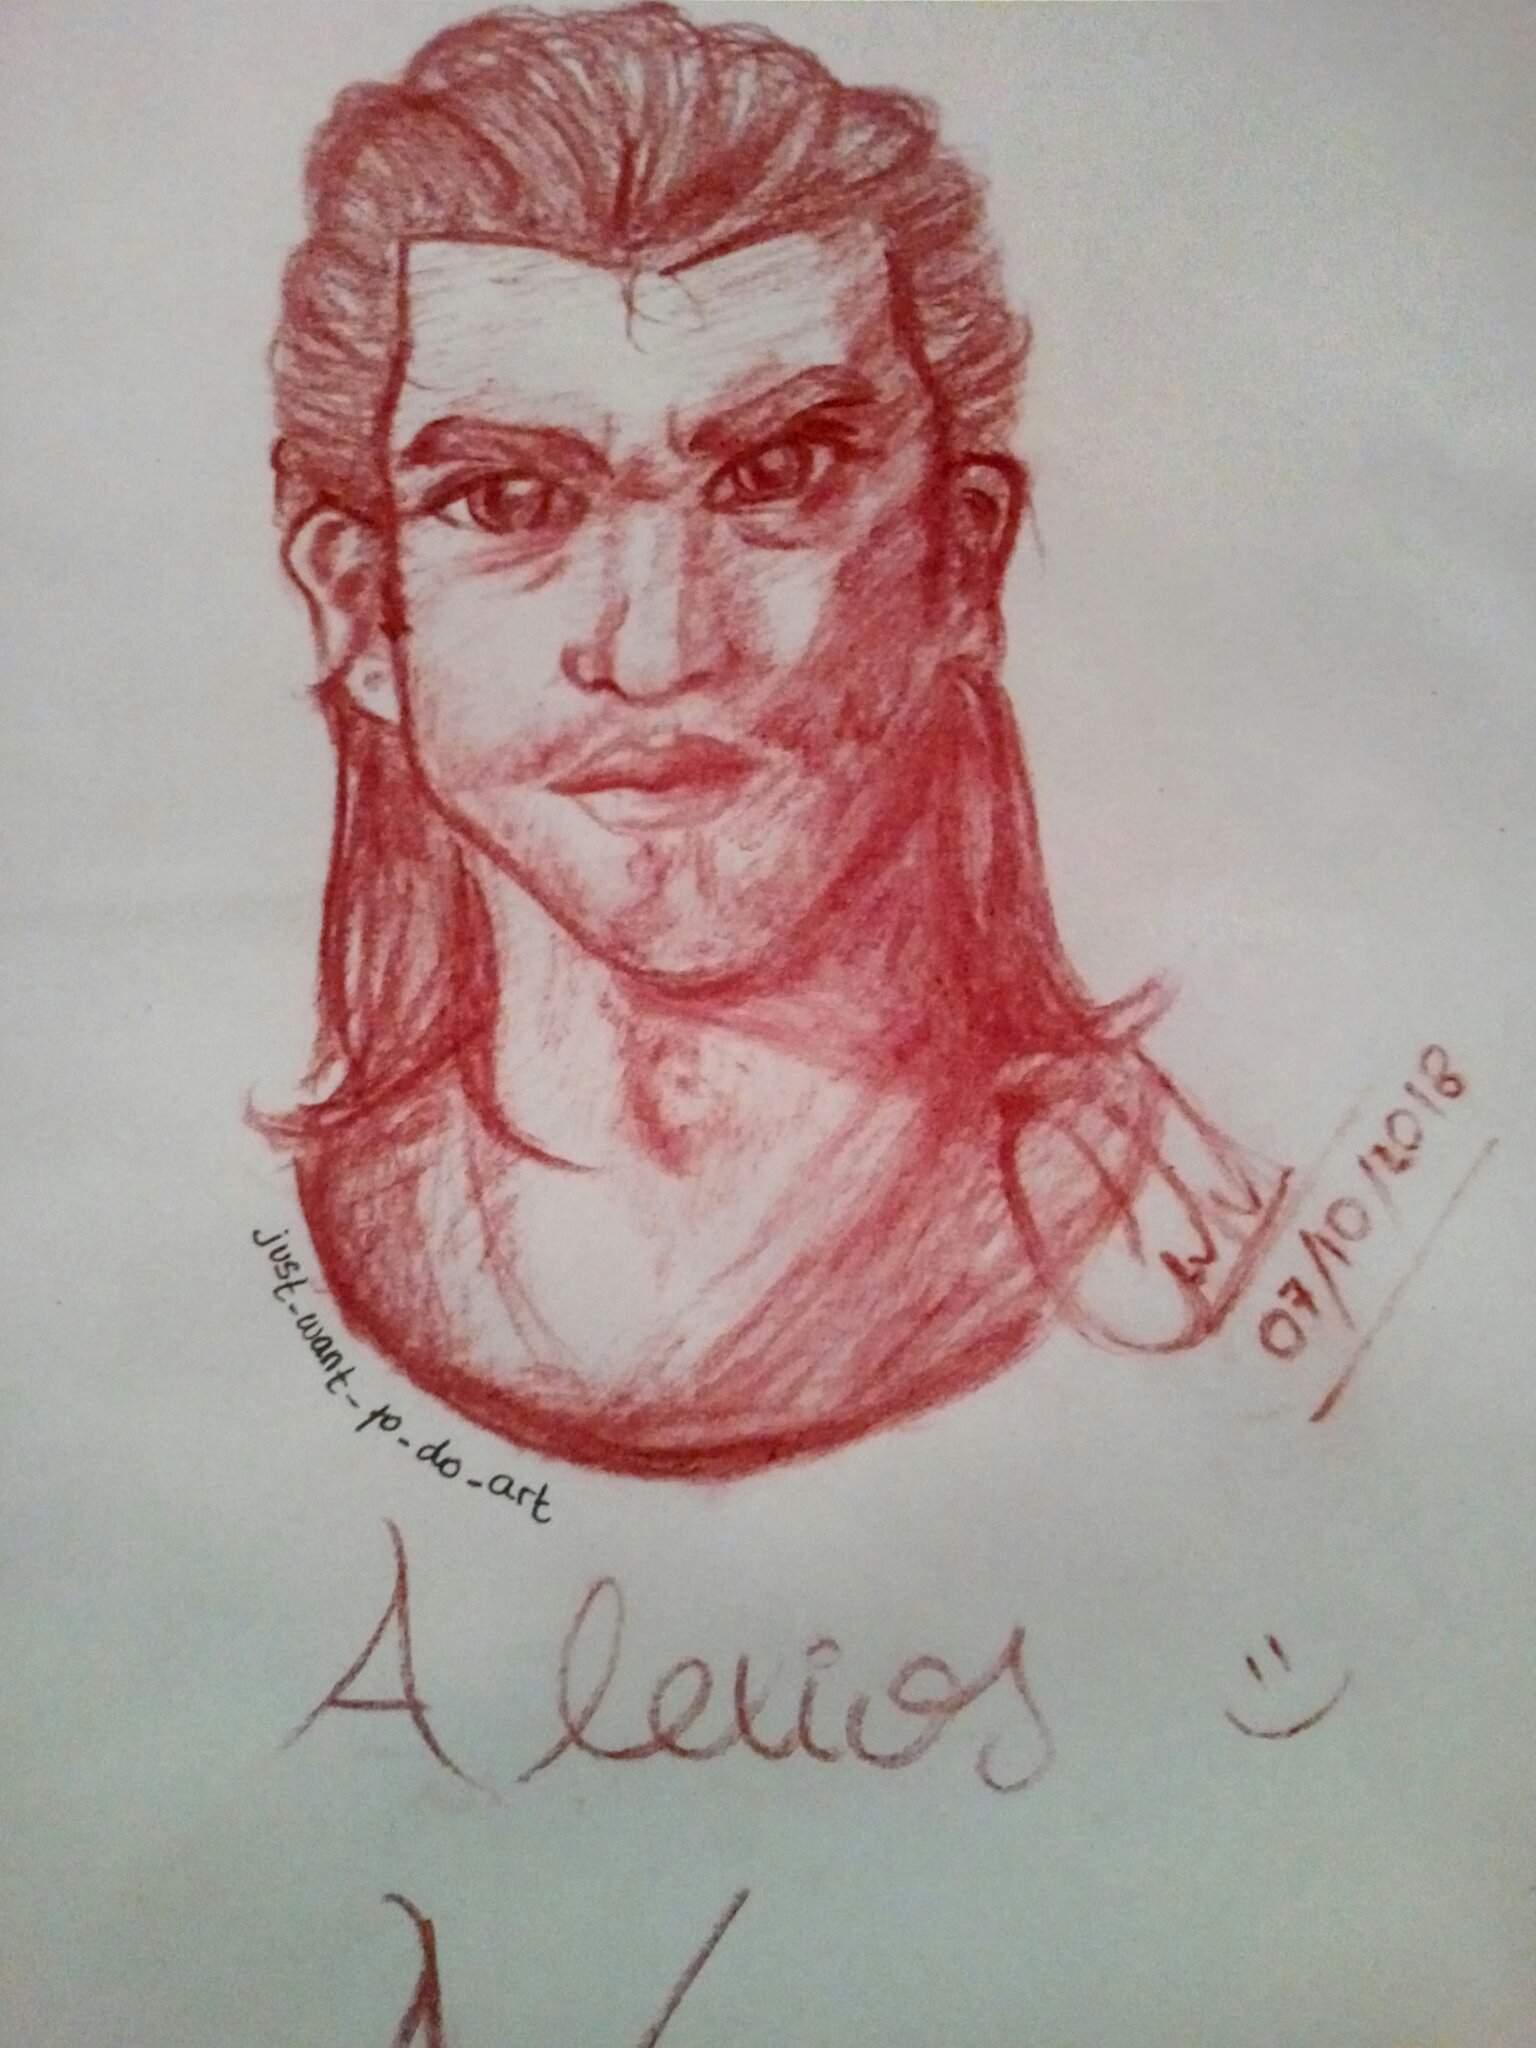 A Realistic Fanart Of Alexios Assassins Creed Amino